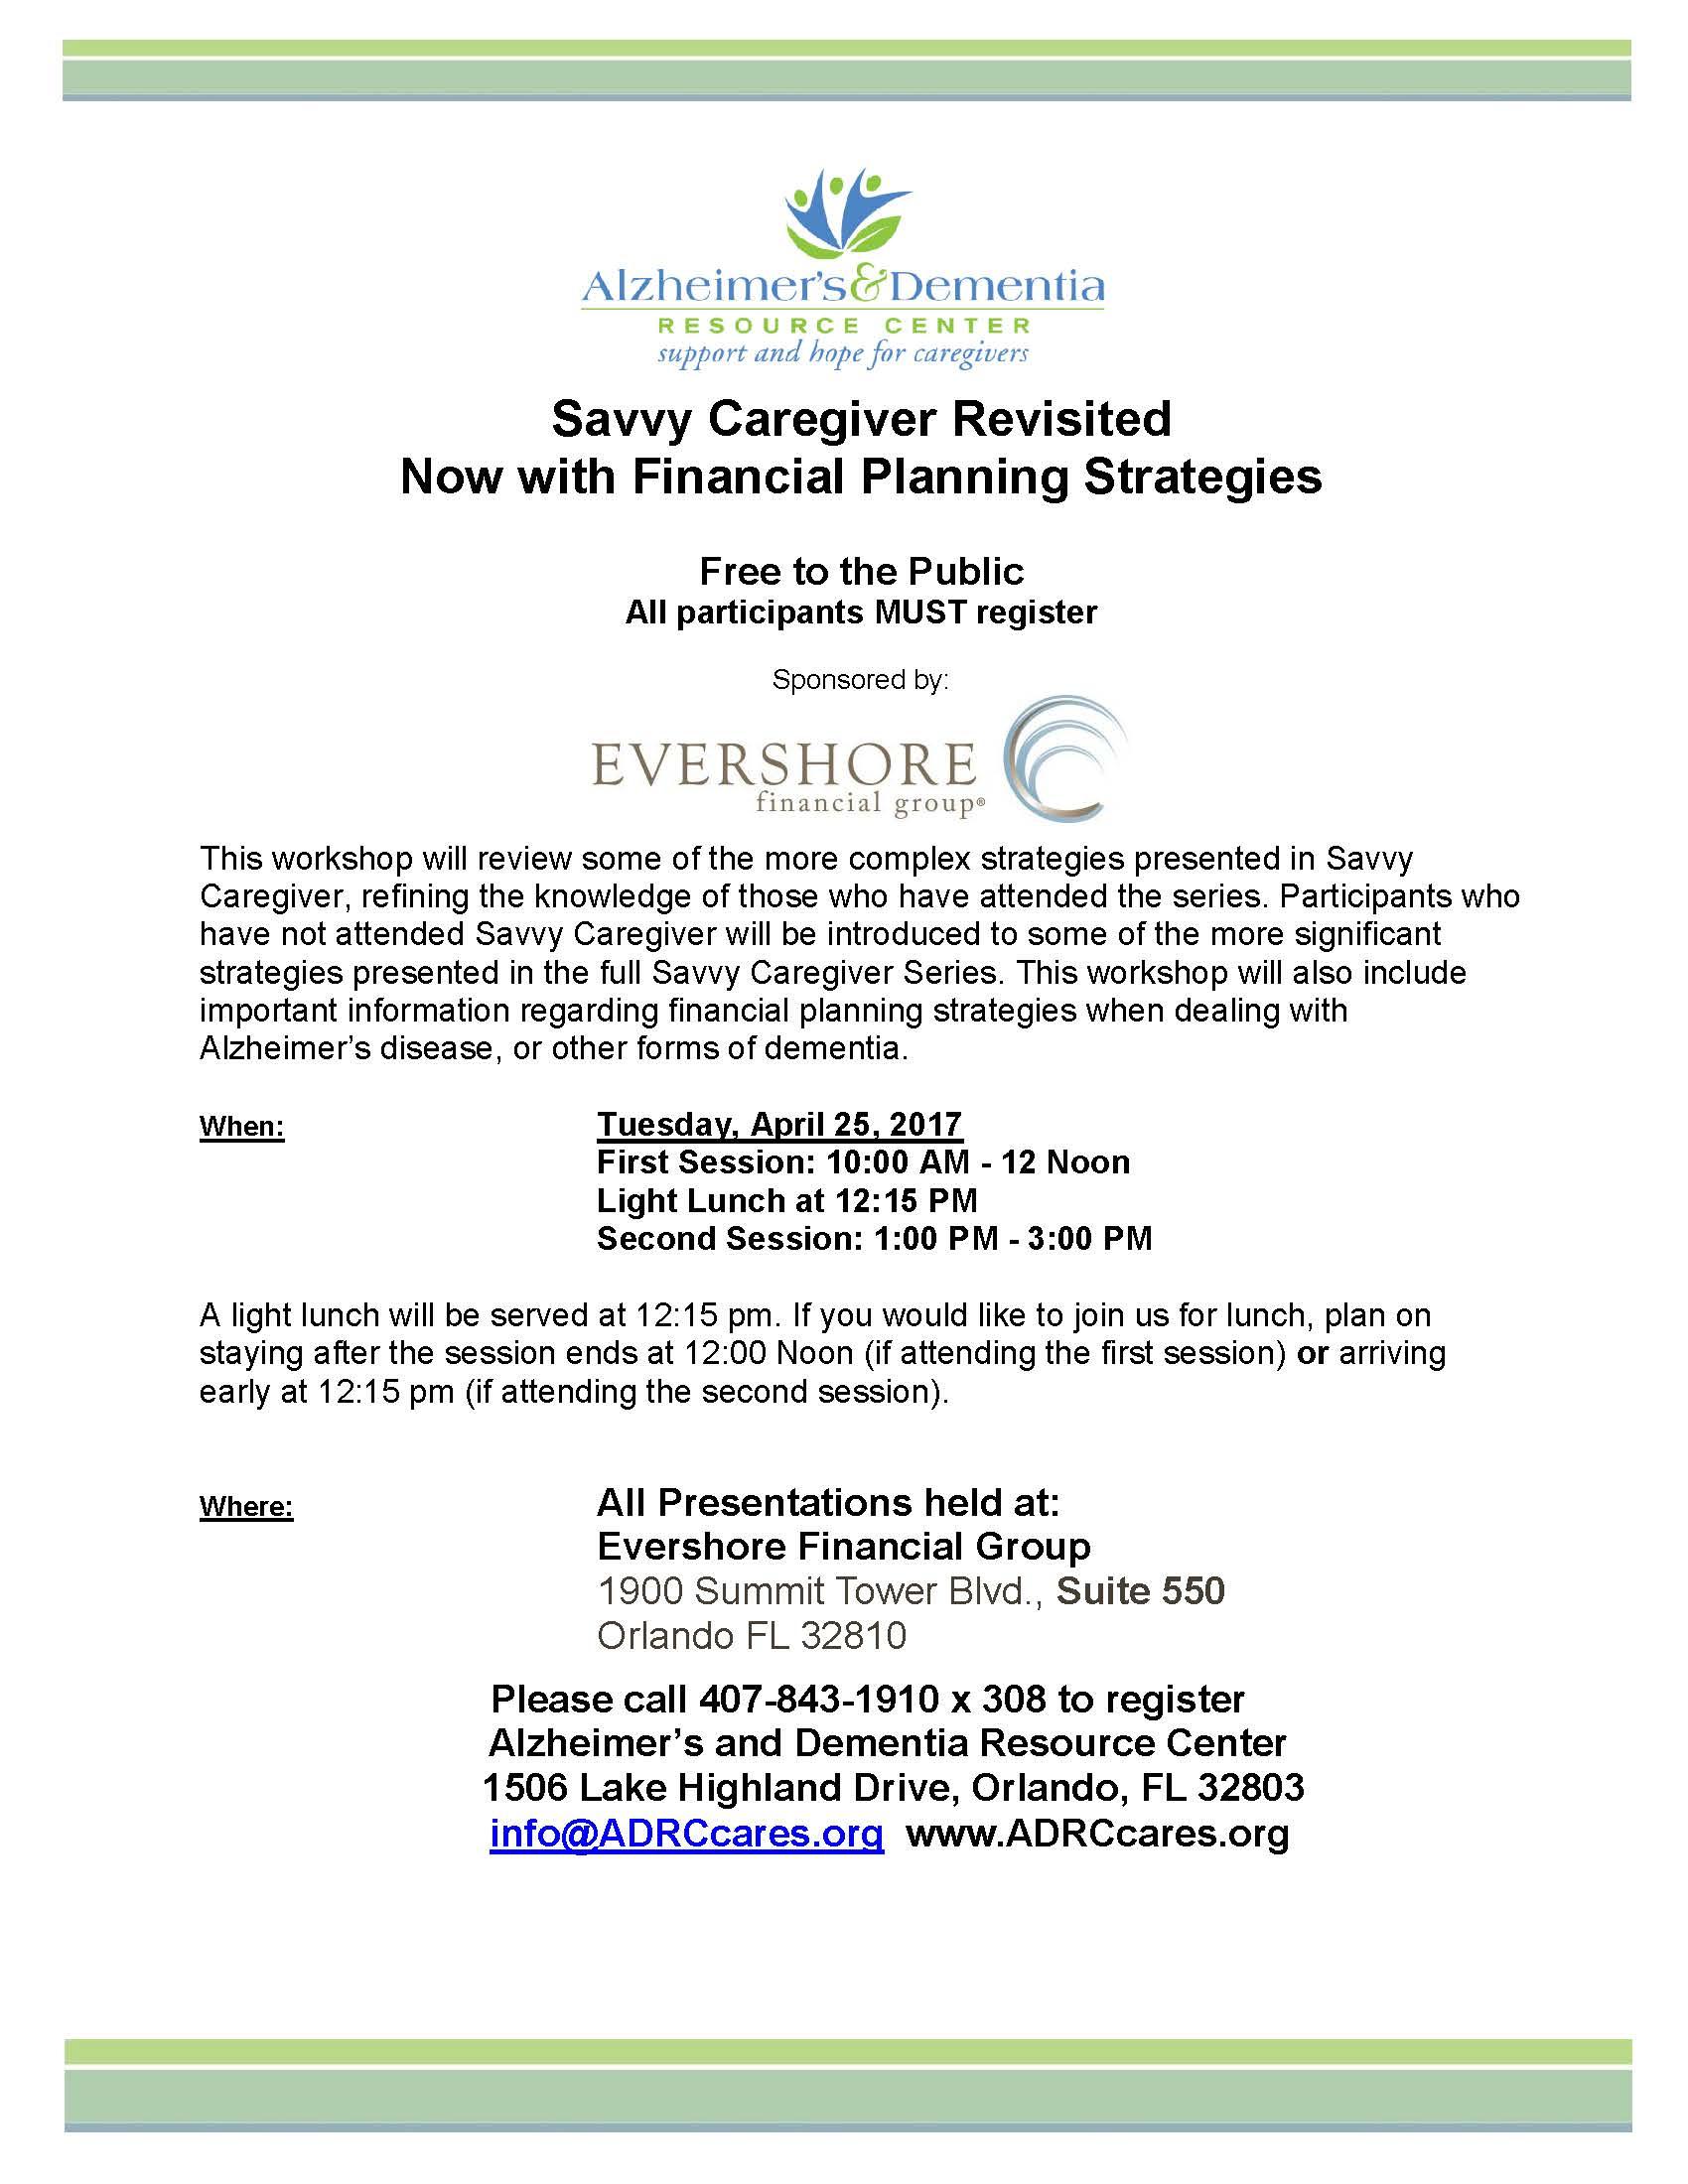 April 25 2017 Savvy Caregiver Revisiteddocx